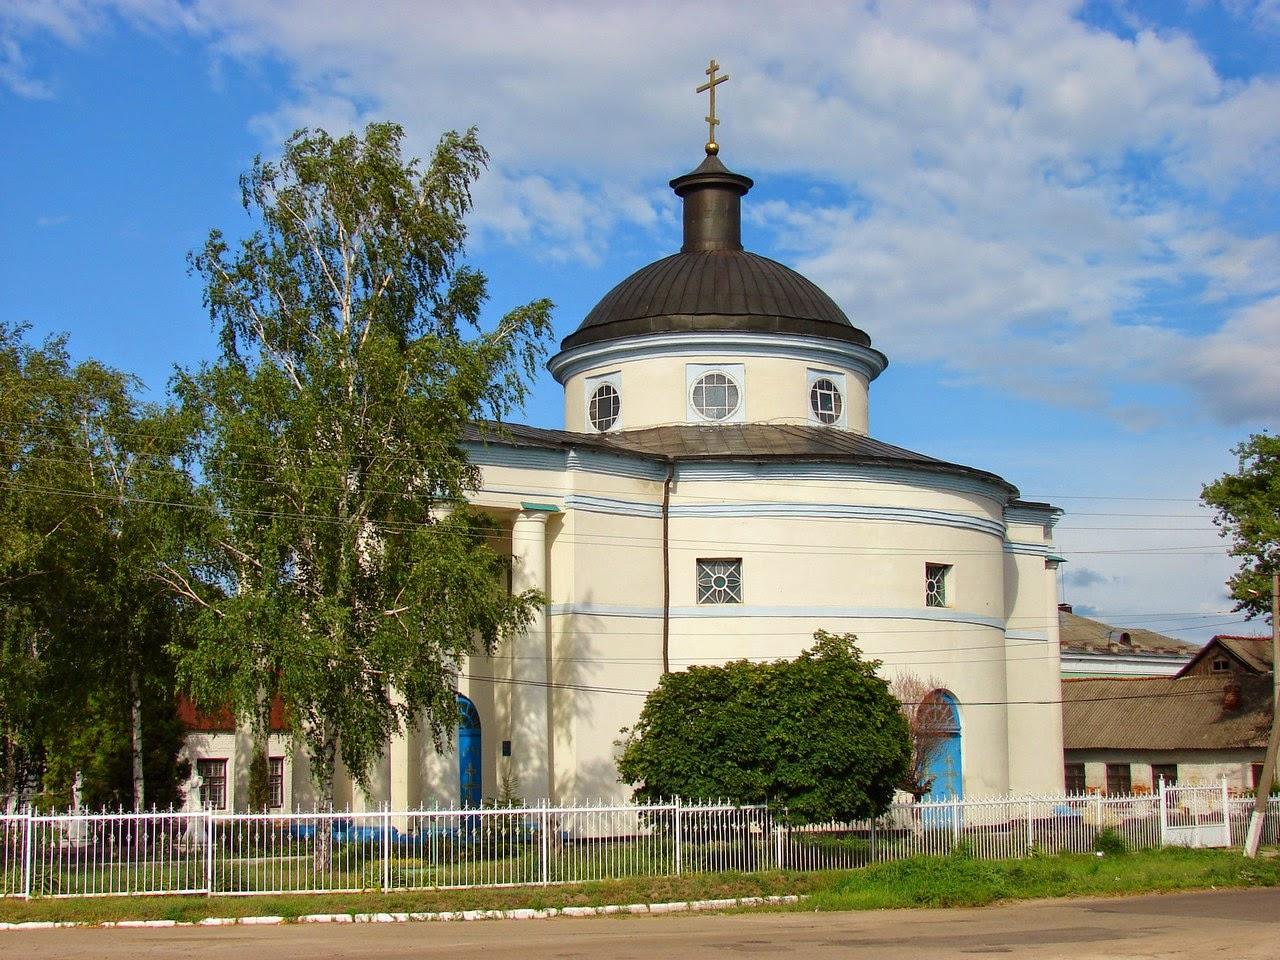 Вид сбоку на церковь